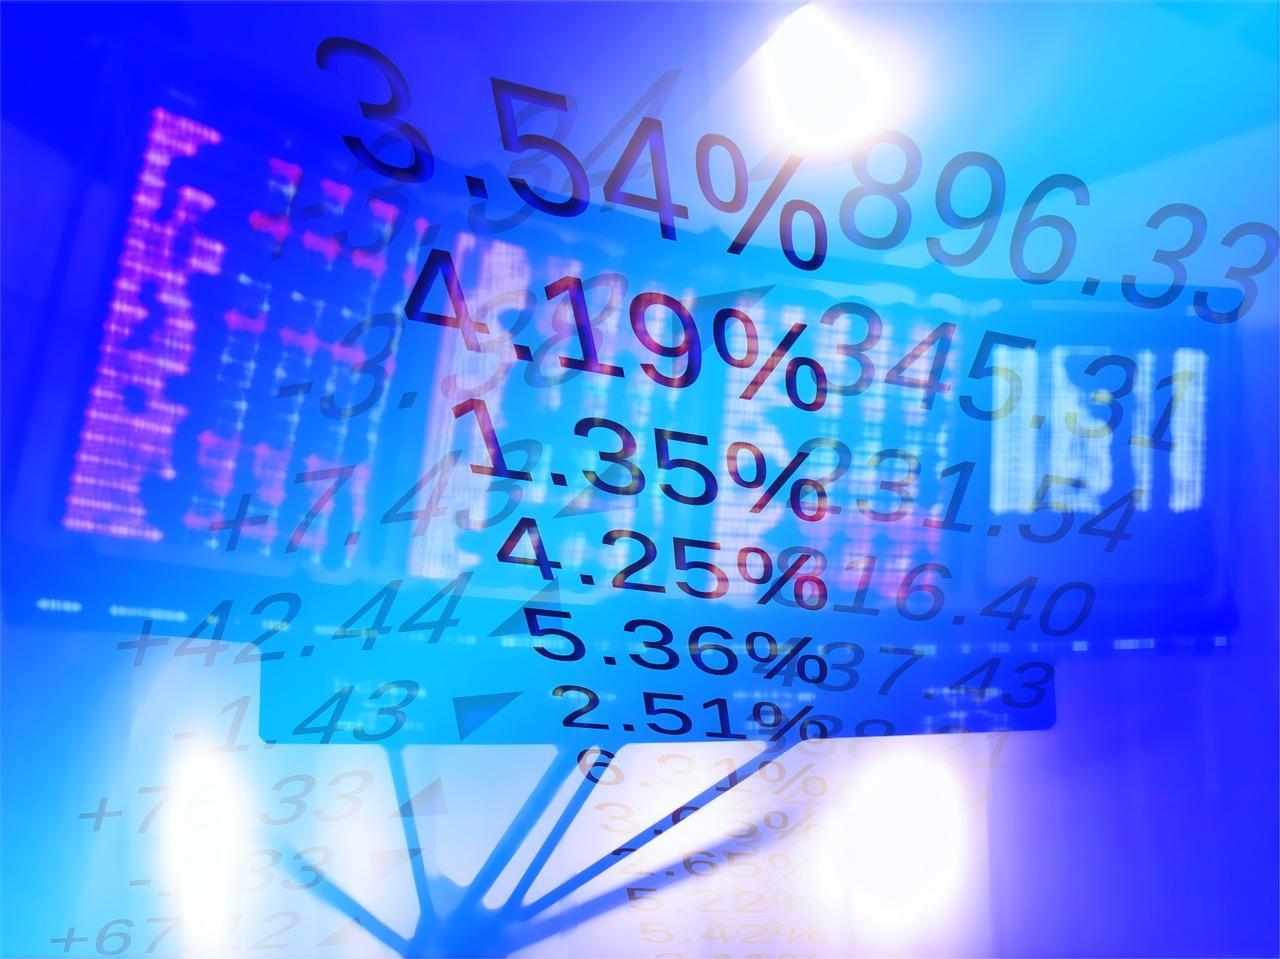 cfd broker und die nachschusspflicht ein spiel mit dem feuer? etoro bitcoin cfd 2021